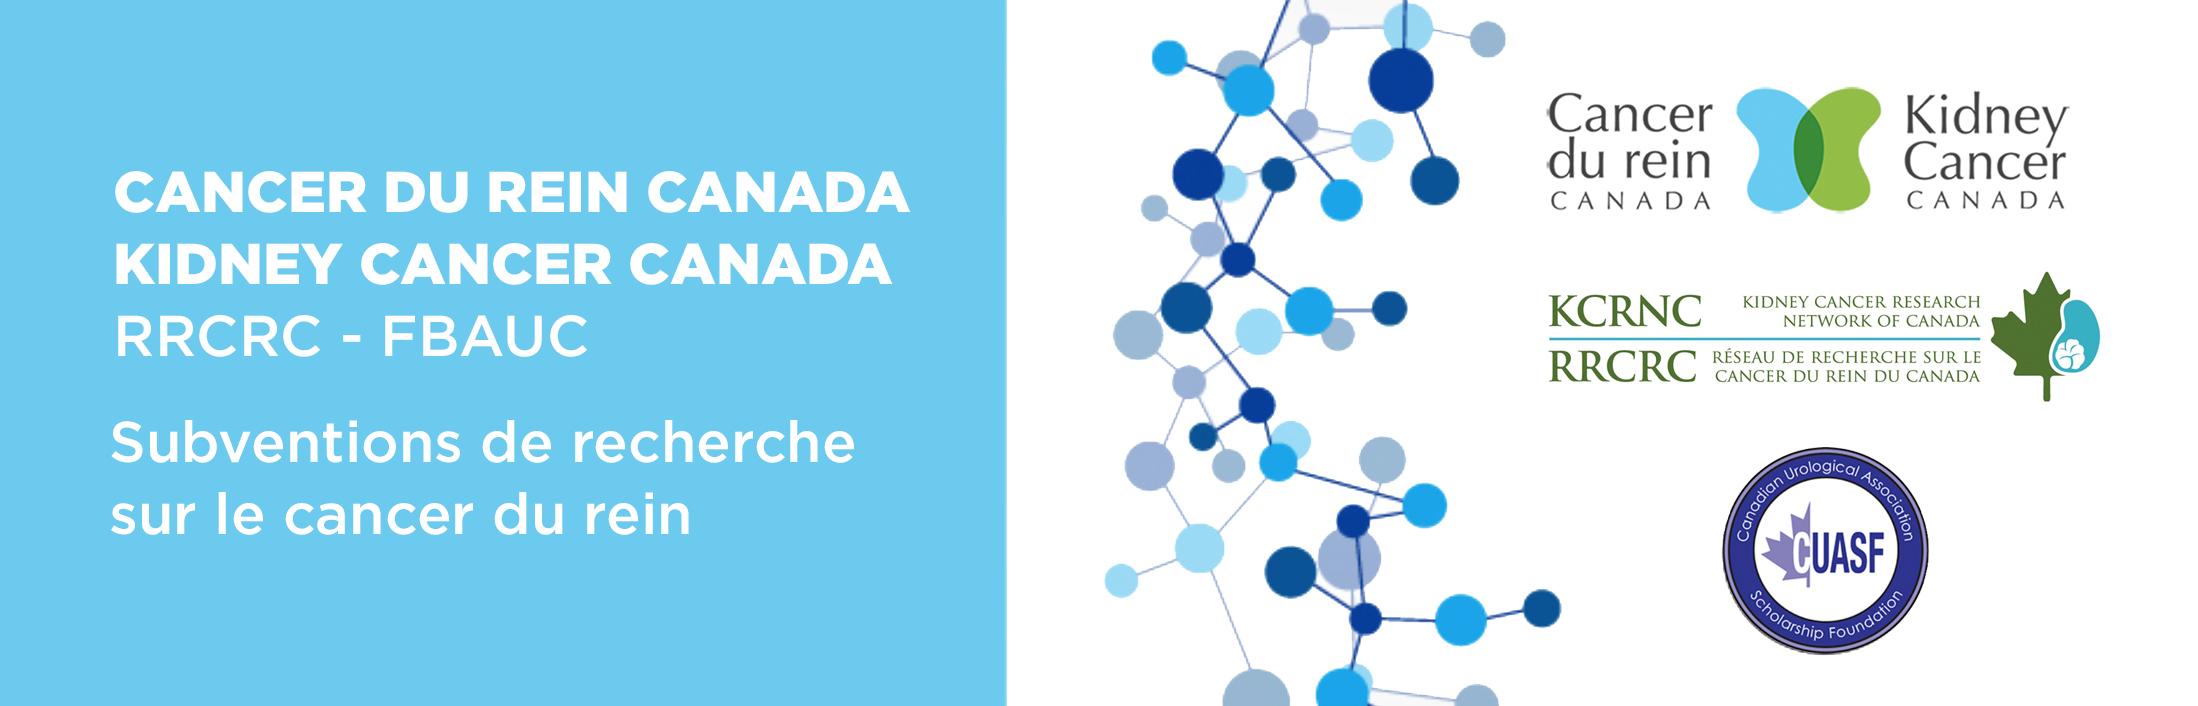 Subvention de recherche sur le cancer du rein: au Canada